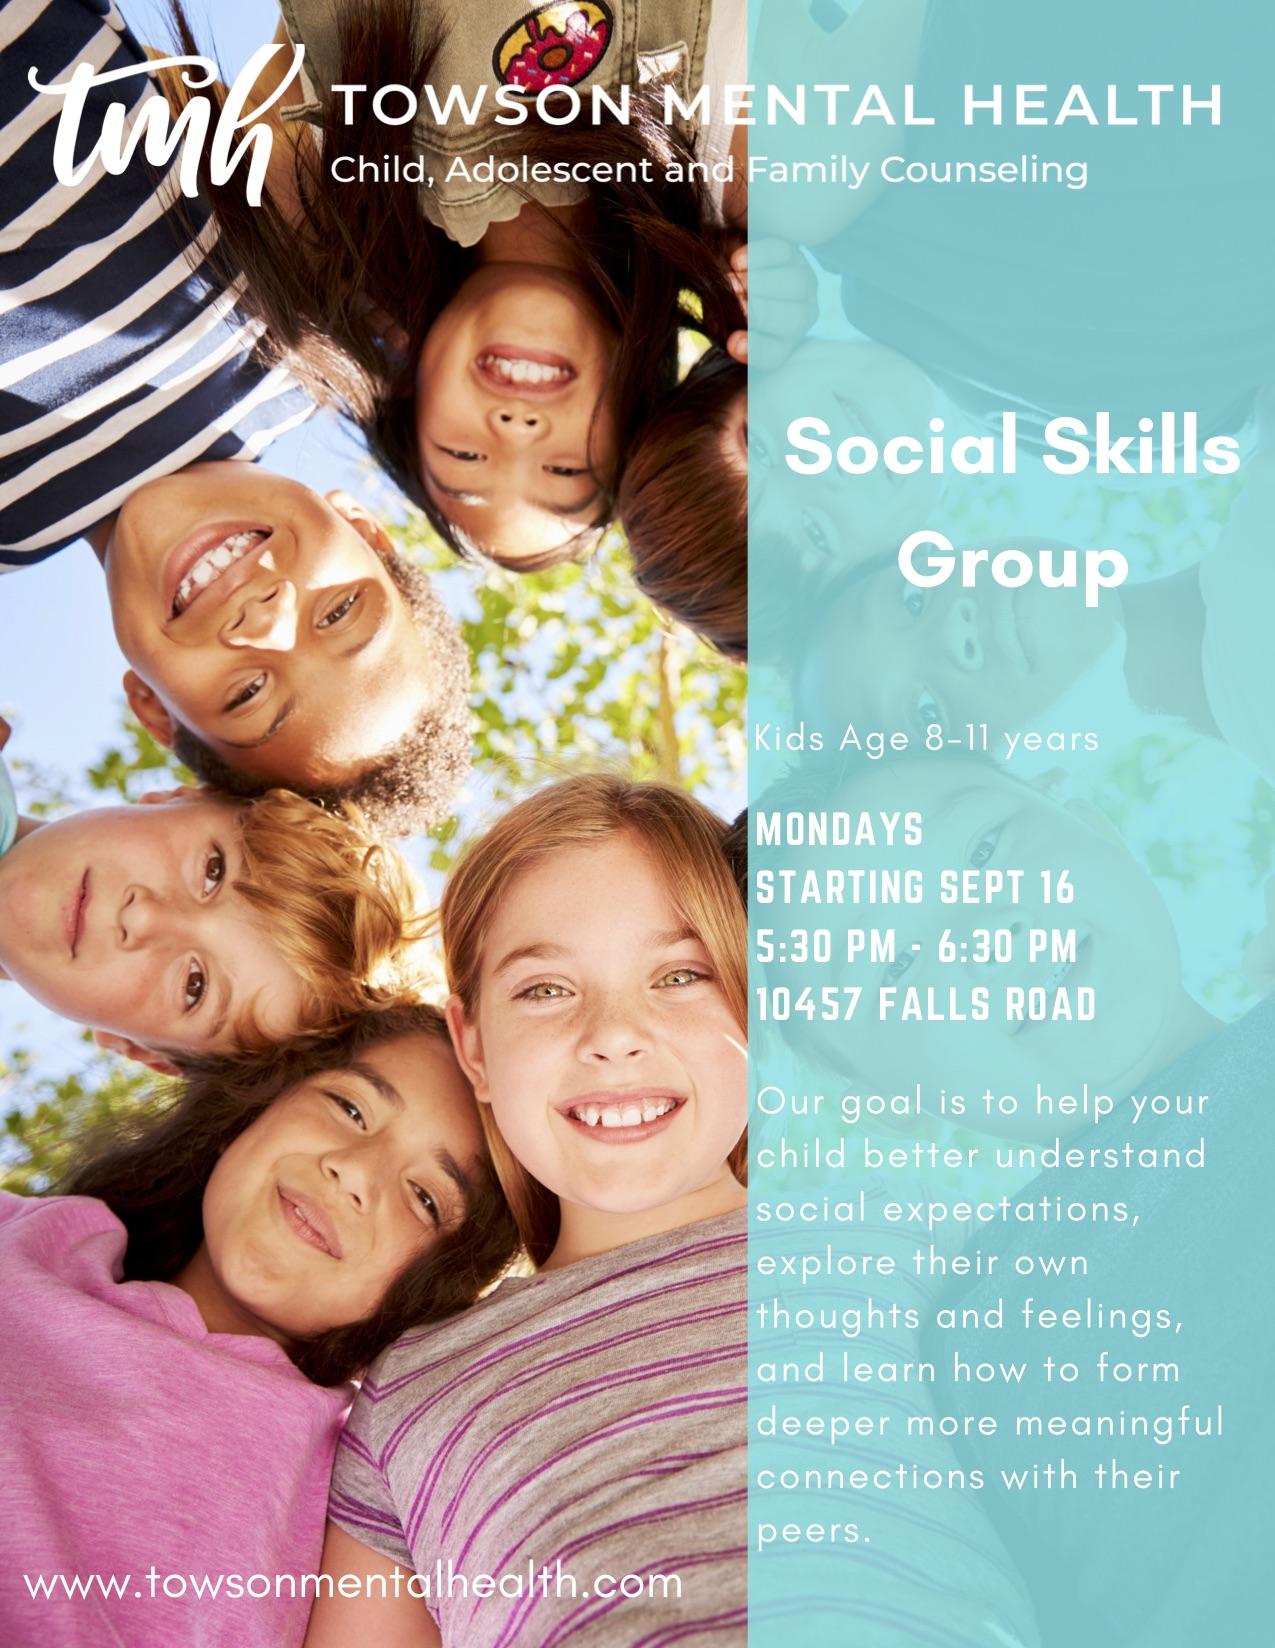 Social Skills Group Flyer pic.jpg